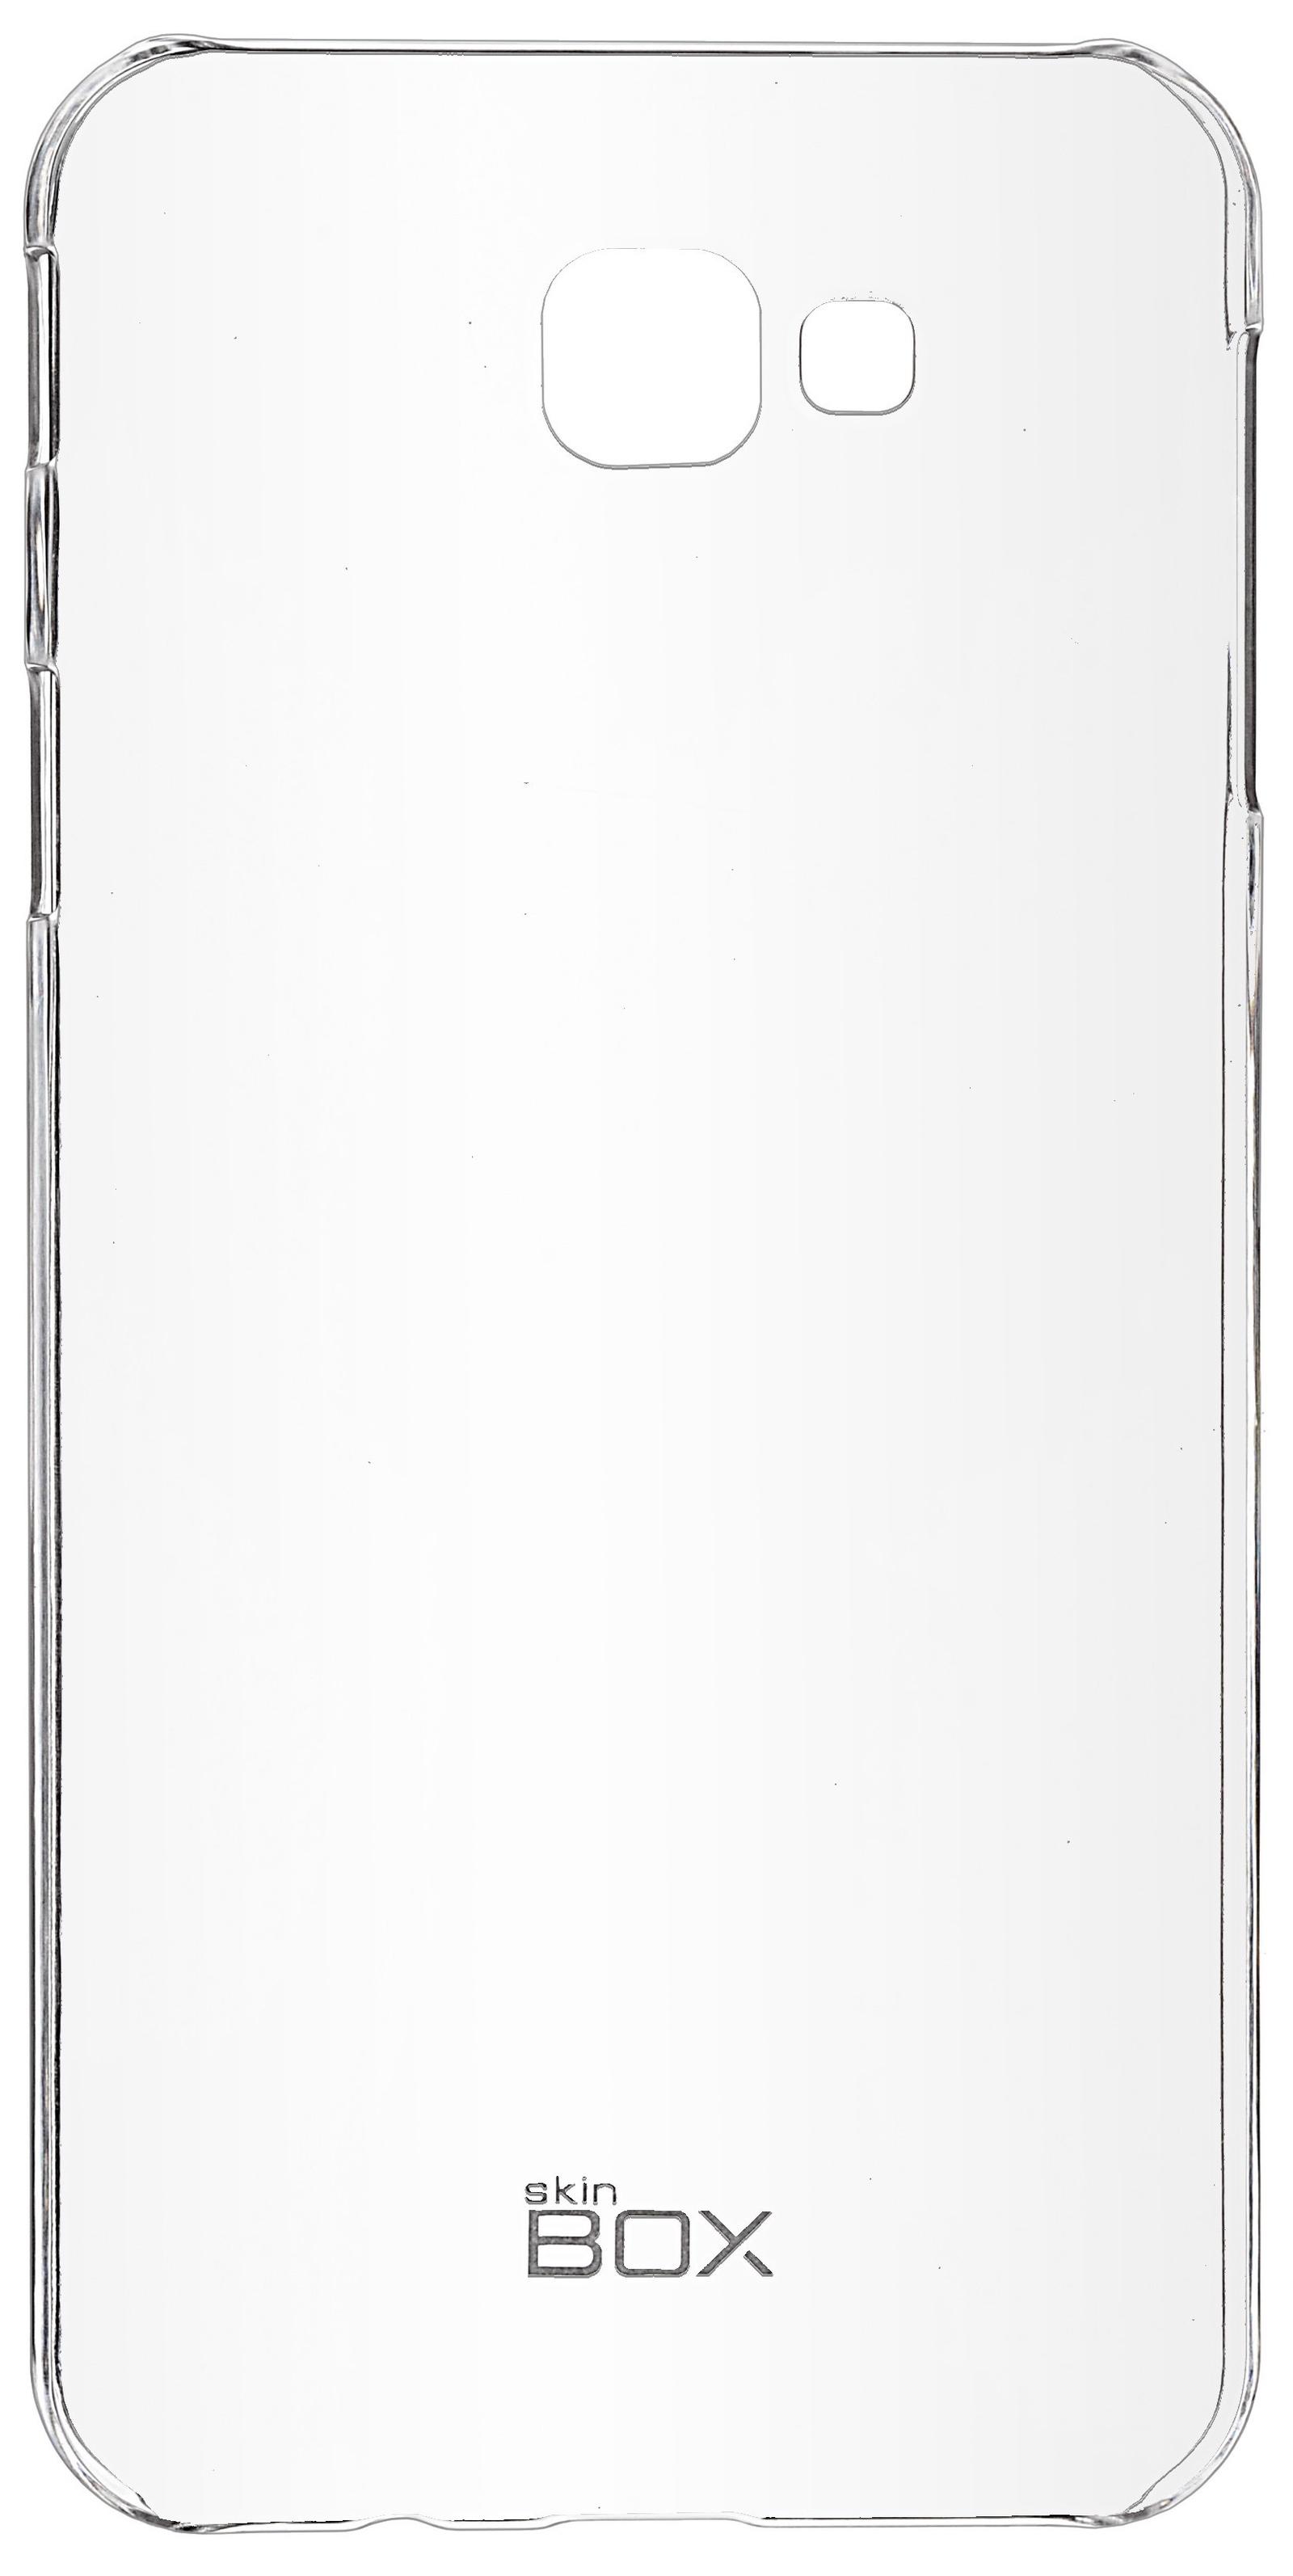 Чехол для сотового телефона skinBOX Crystal, 4630042524637, прозрачный чехол для сотового телефона skinbox crystal 4630042528109 прозрачный